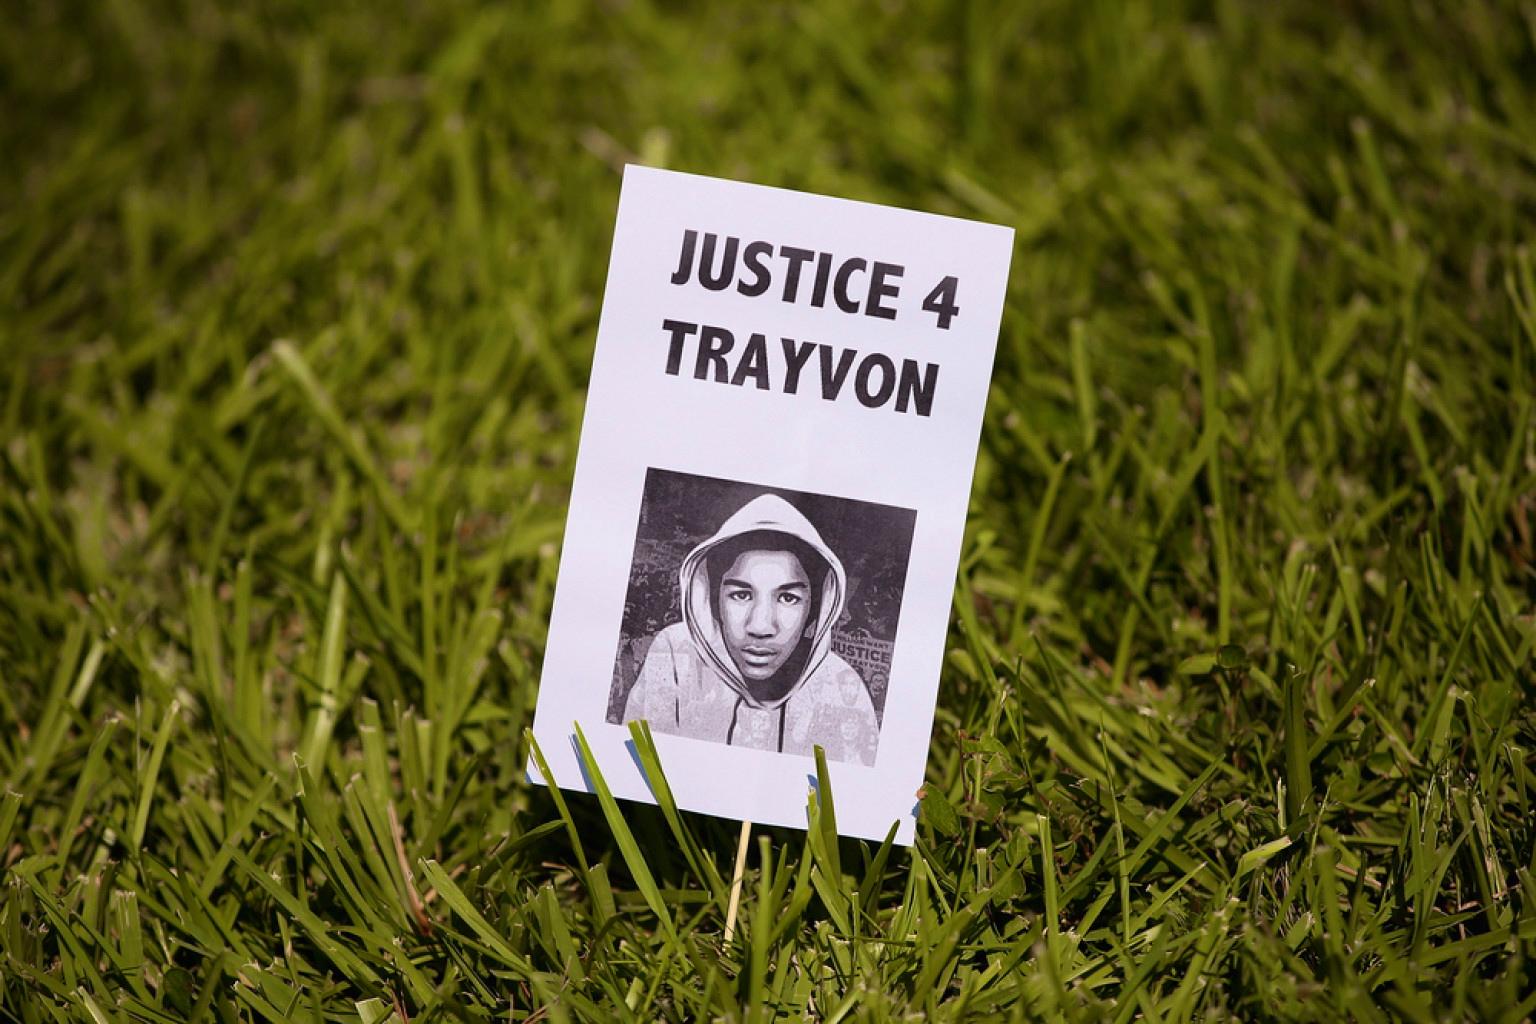 justice denied is trayvon martin post racial america s emmett 75501001 jpg middot emmett tilltrayvon